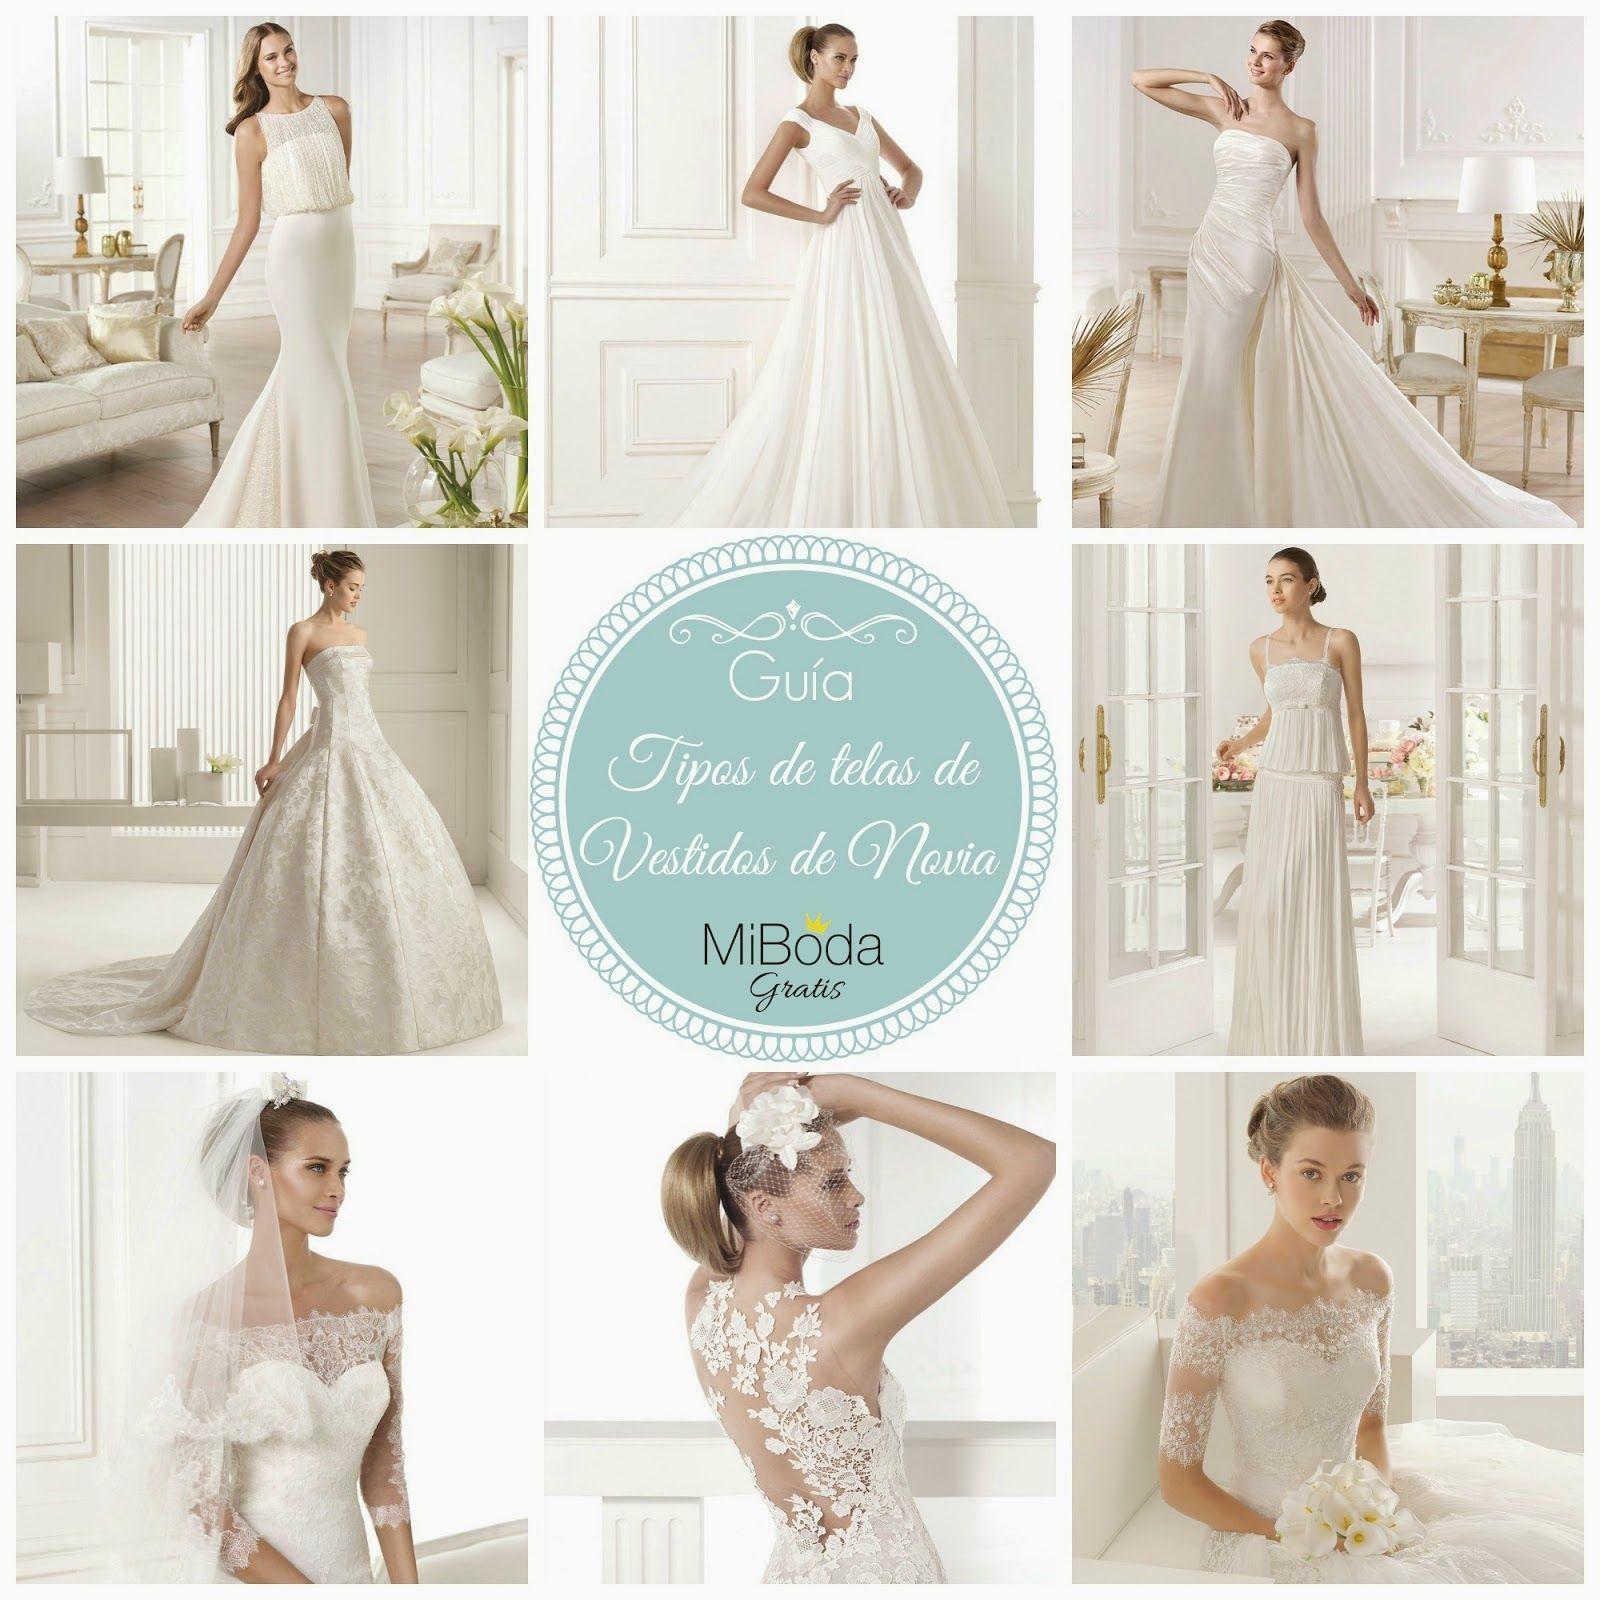 guia tipos de telas de vestidos de novia blog bodas mi boda gratis ...